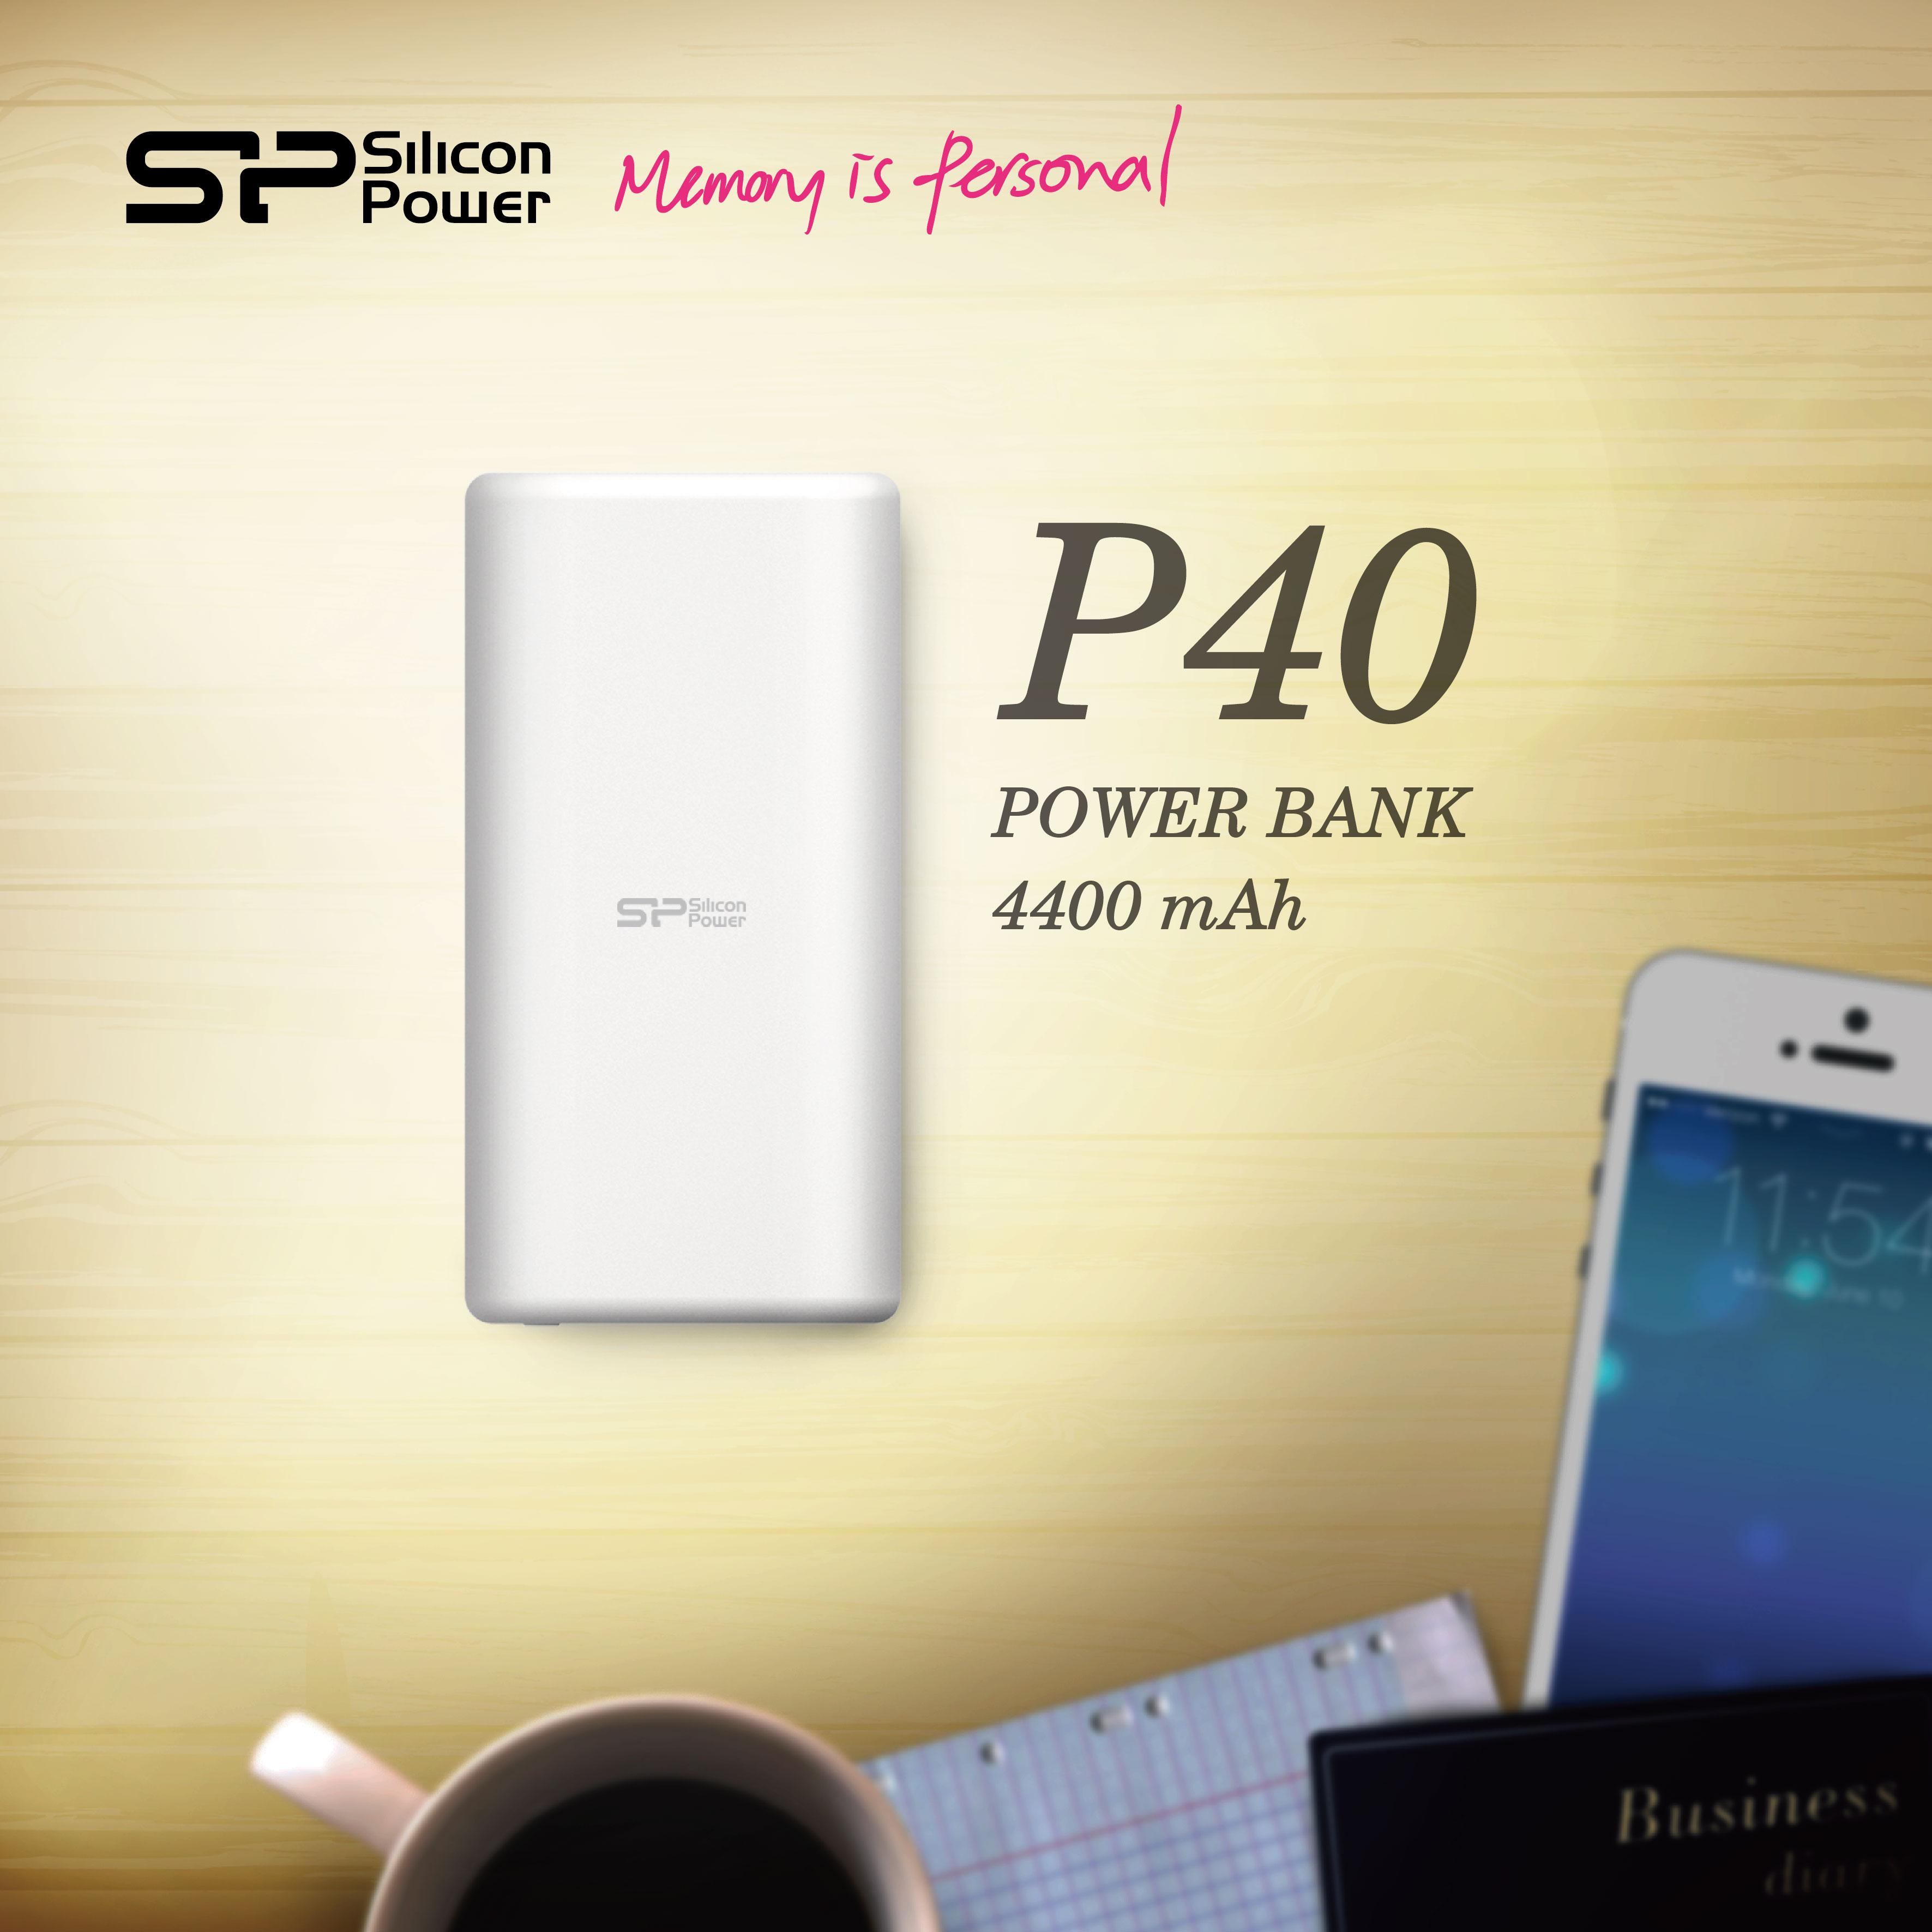 シリコンパワー、小型高出力モバイルバッテリー 「Power P40」をリリース